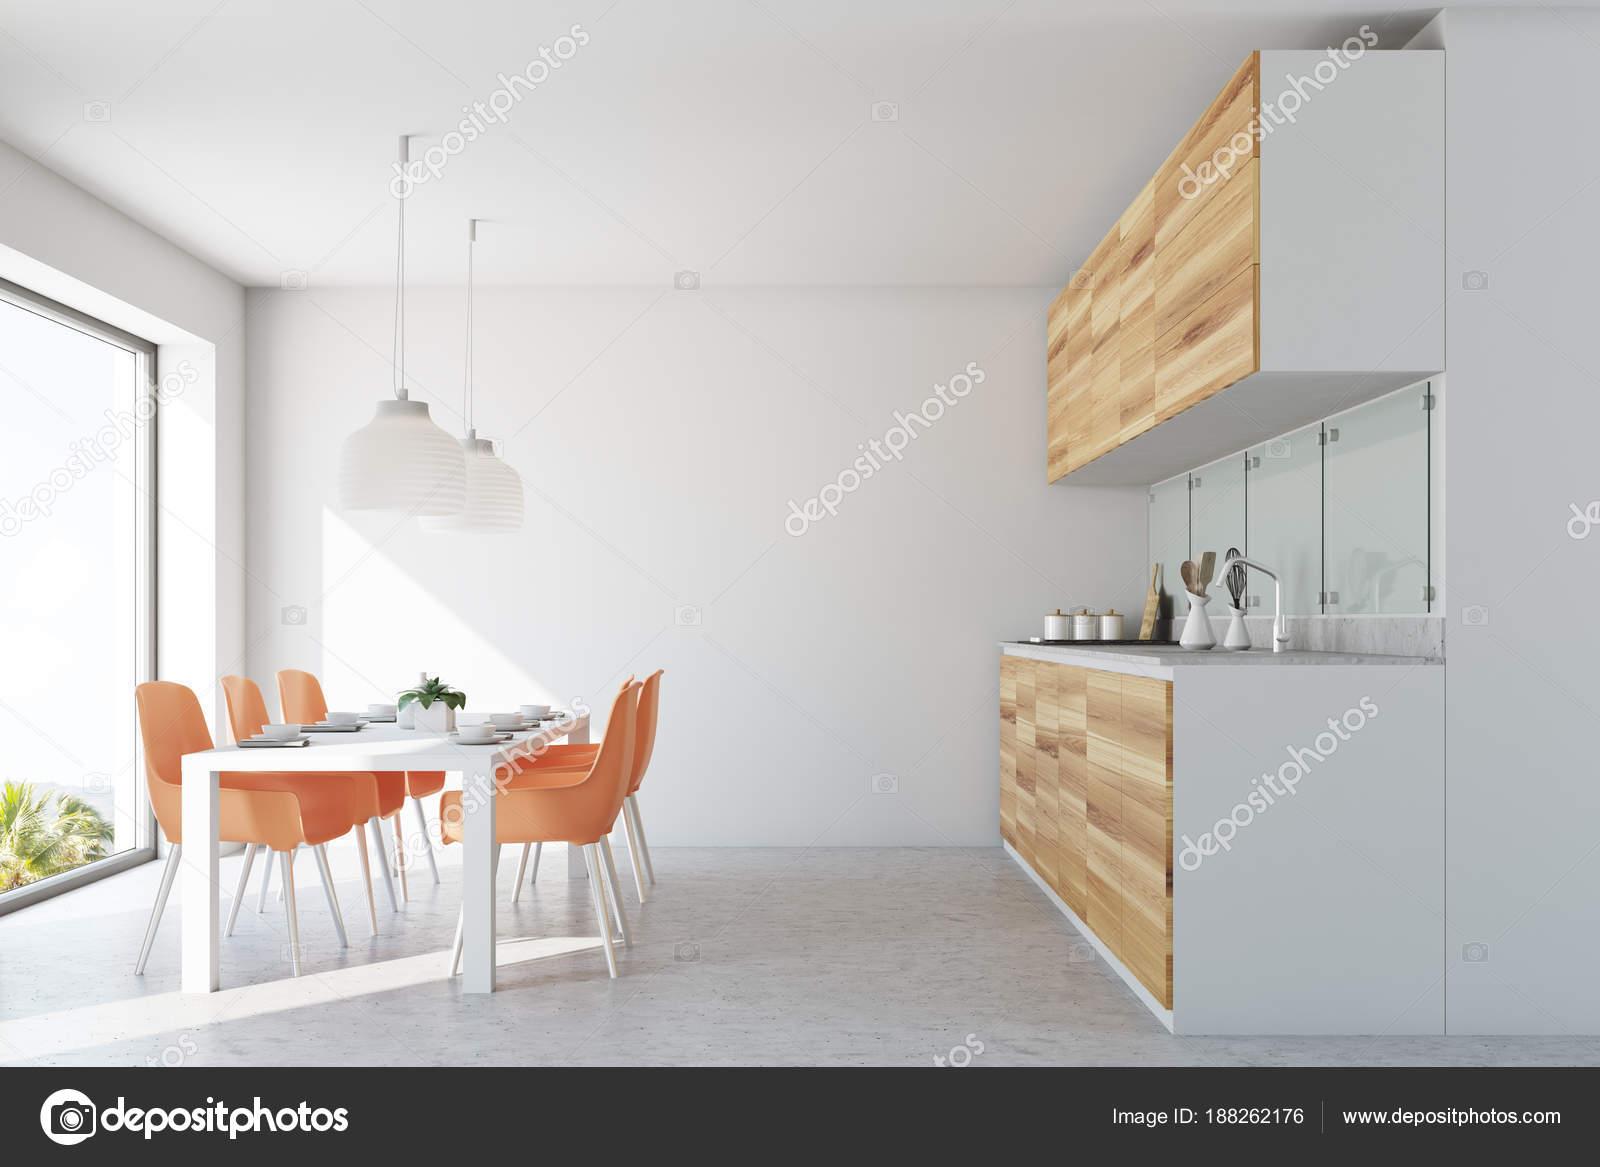 Eetkamer Kamer Stoelen.Witte Eetkamer Kamer En Keuken Oranje Stoelen Stockfoto